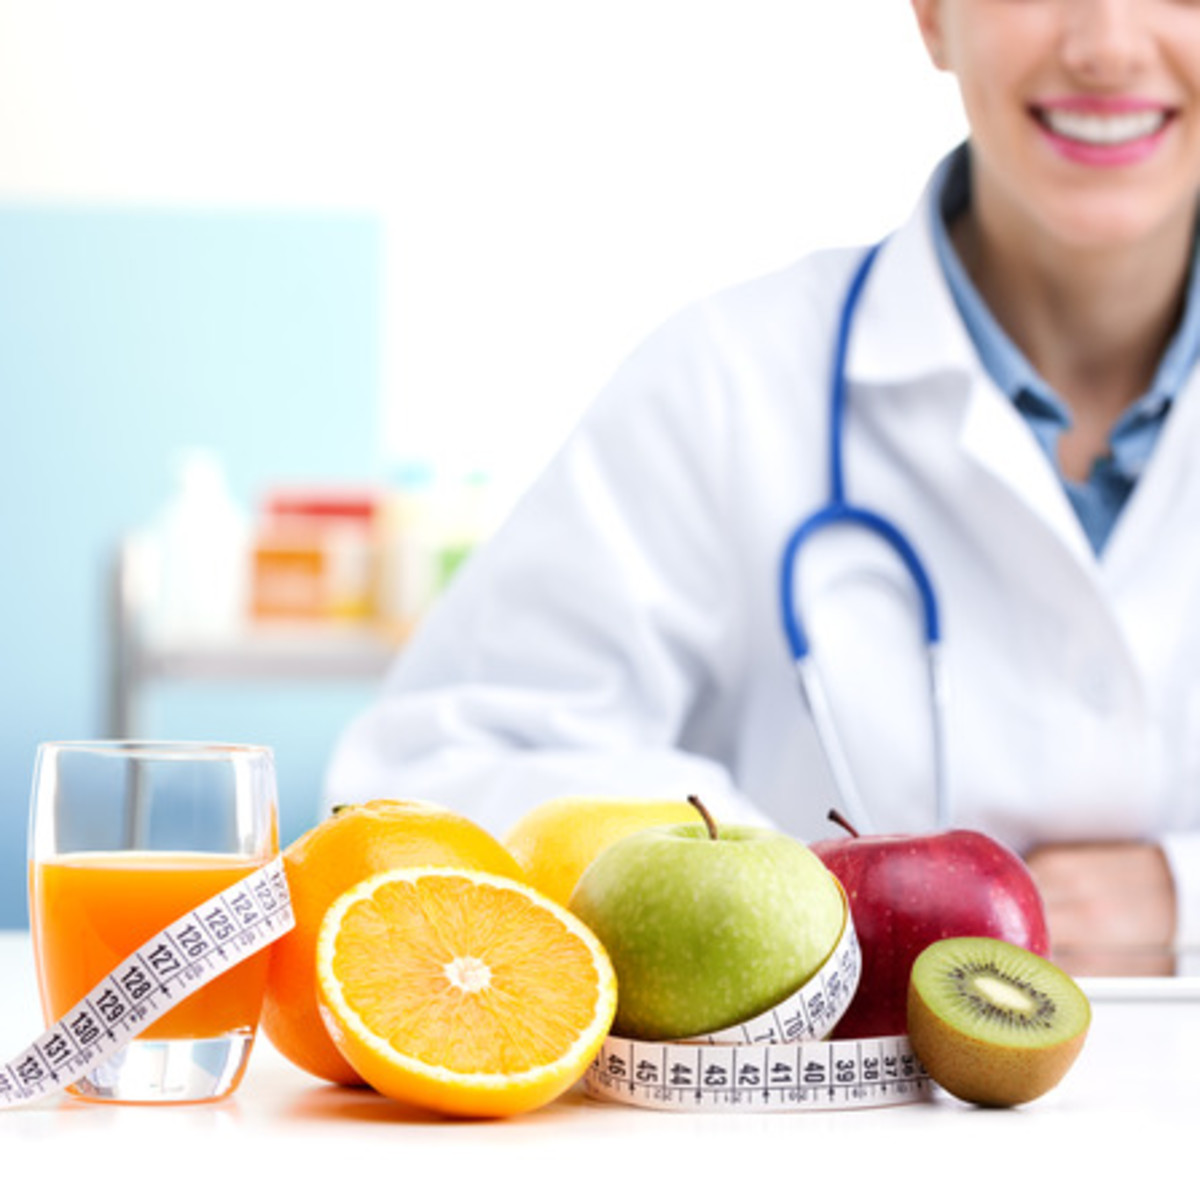 A Nutrition Nurse Advisor provides dietary guidance.